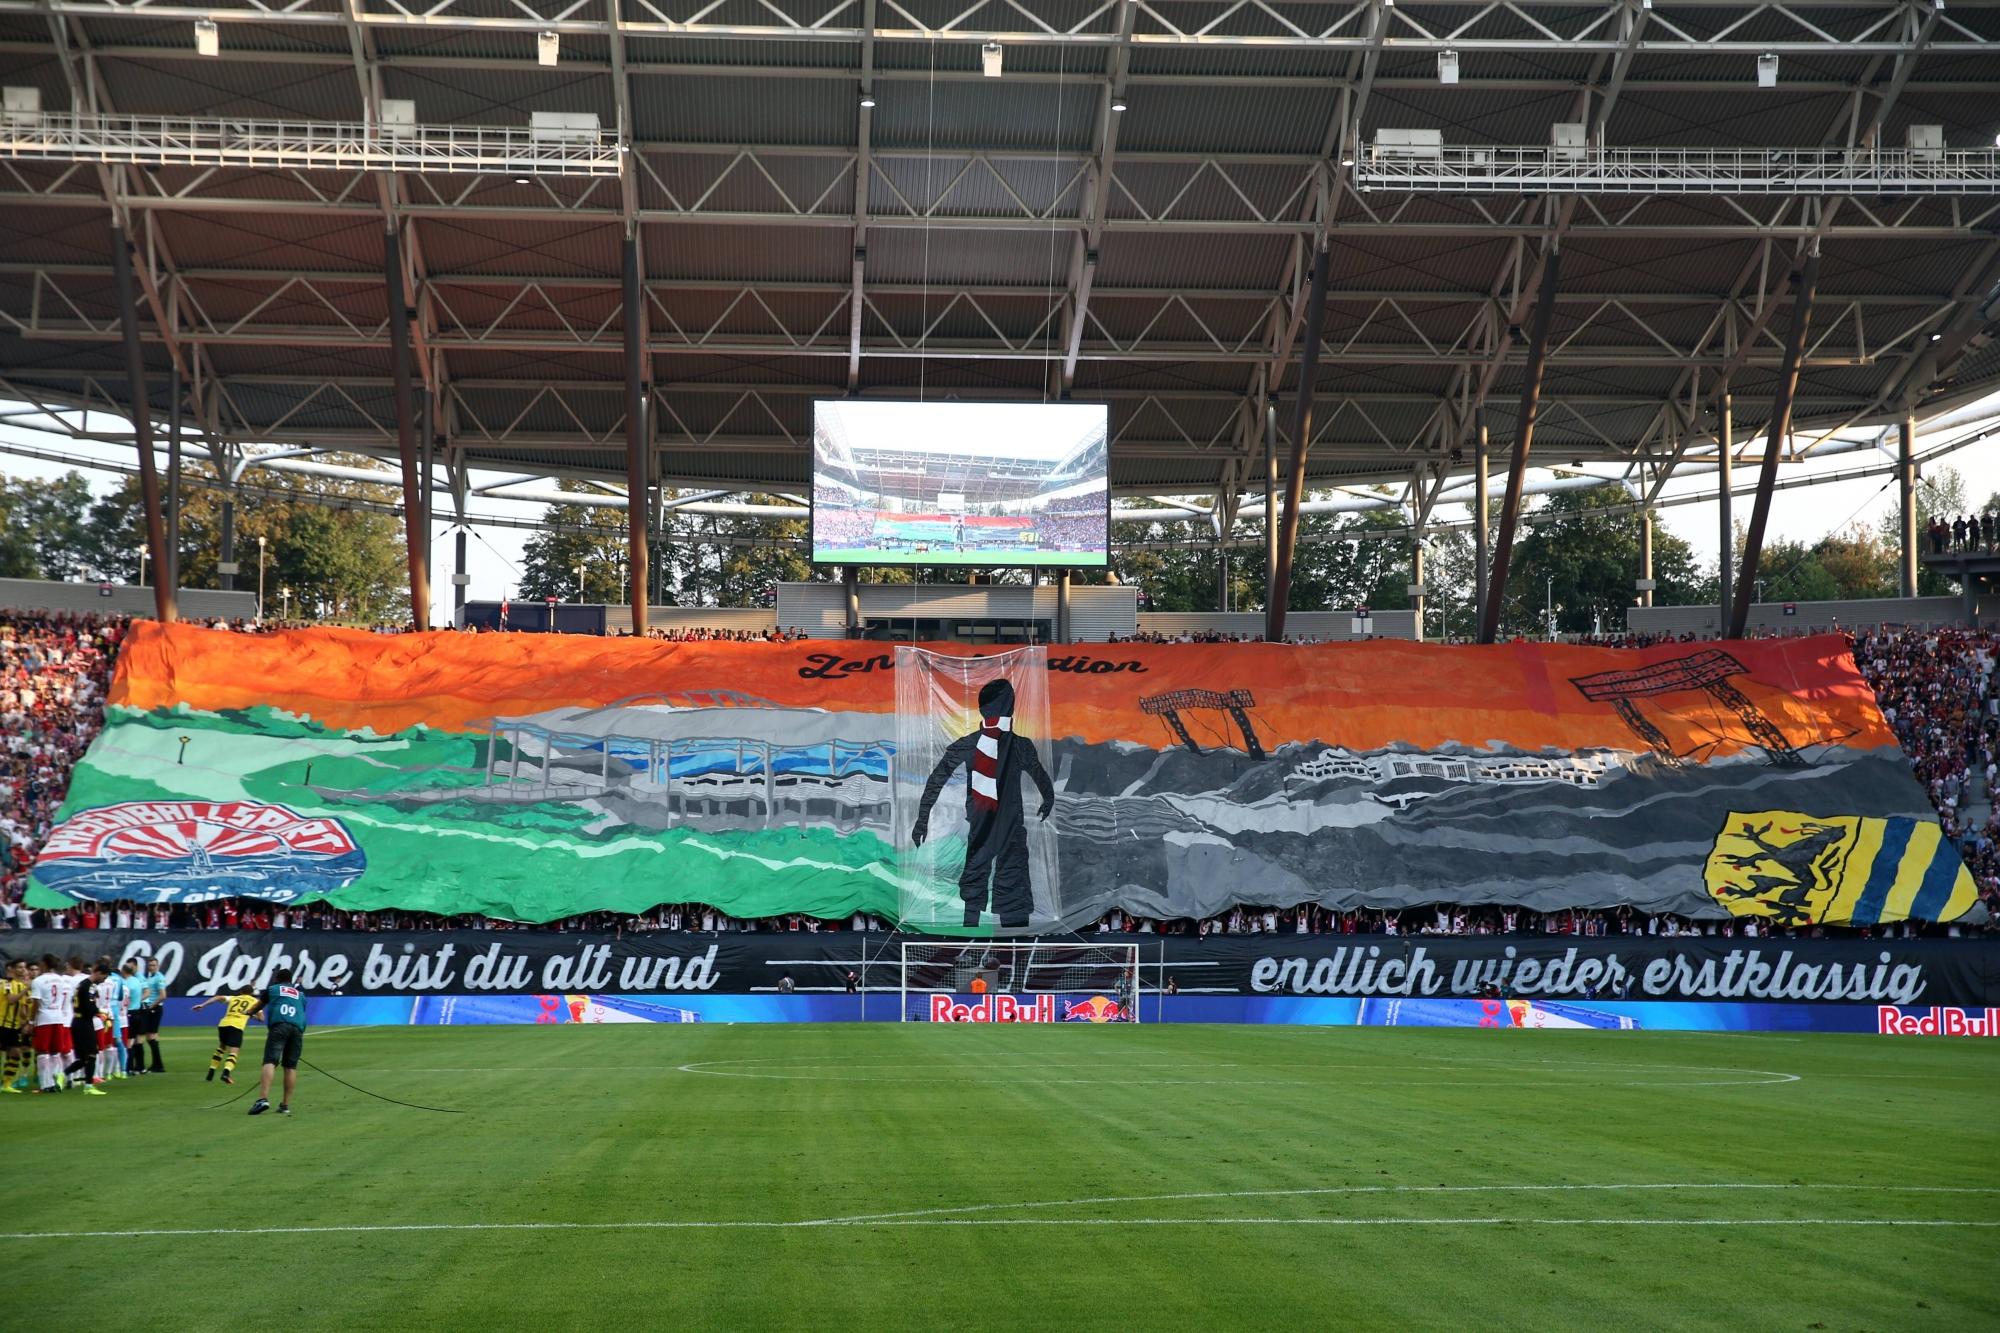 Premiere in der Bundesliga: Die RBL-Fans lassen ihr Stadion mit einer Choreografie hochleben.